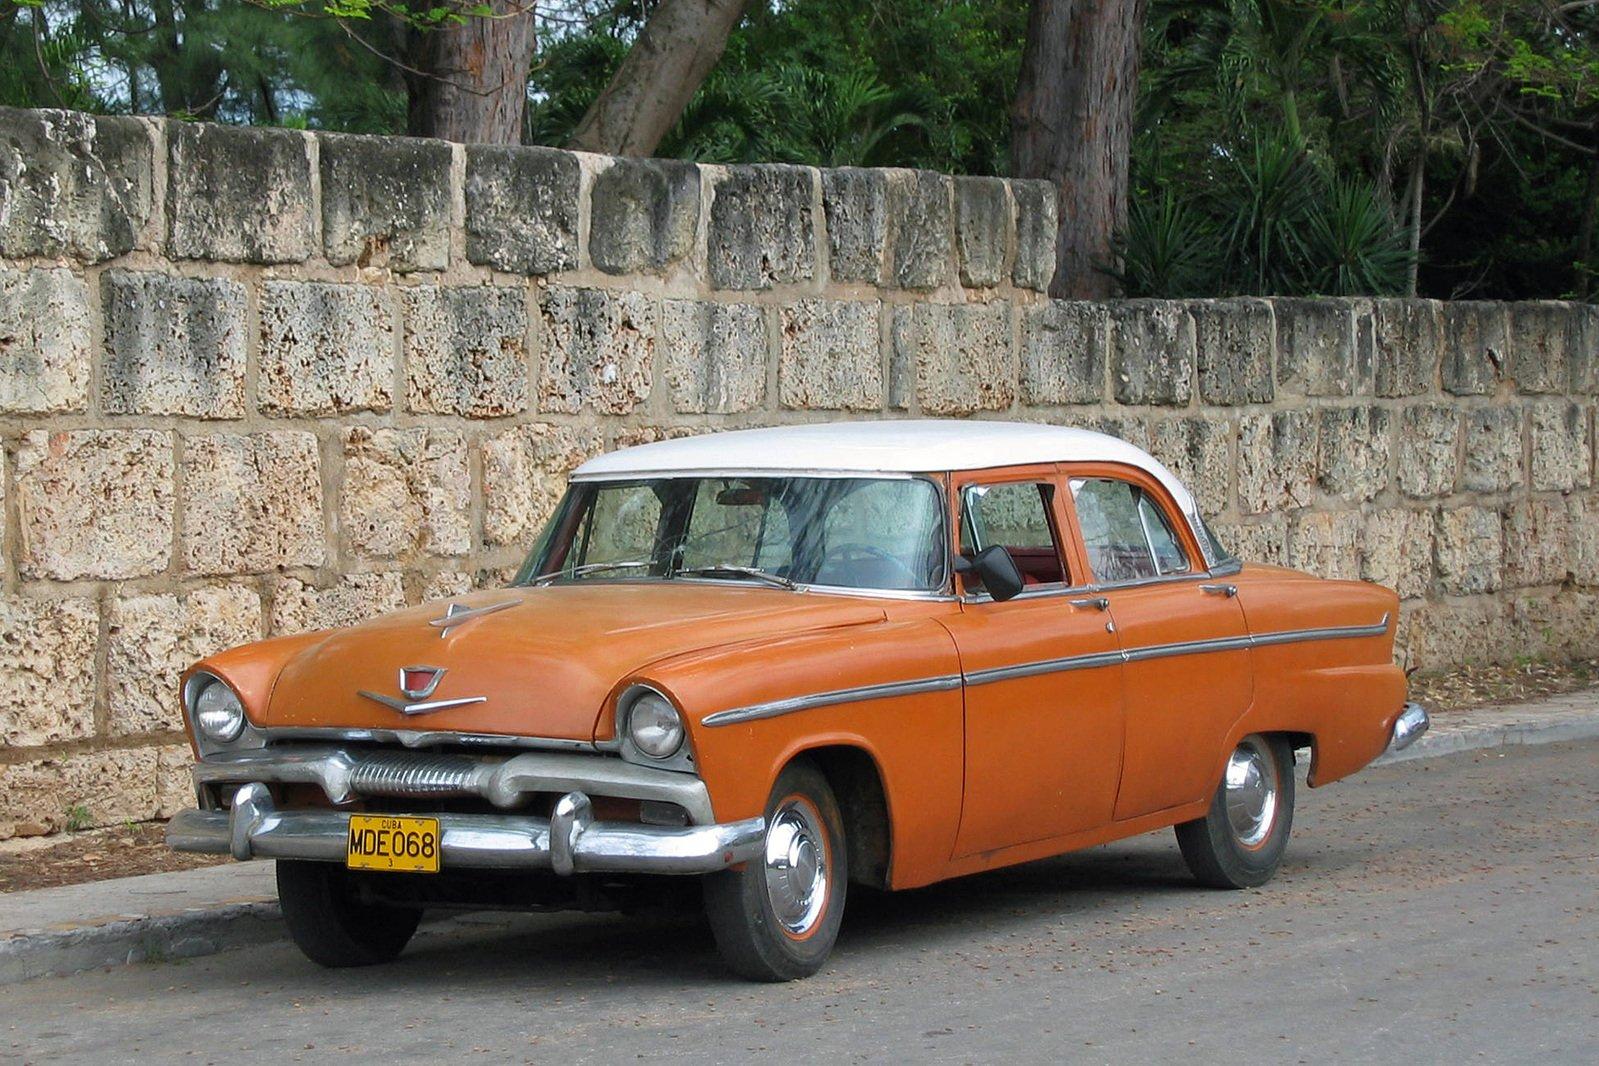 Fotos de carros antigos de cuba 18